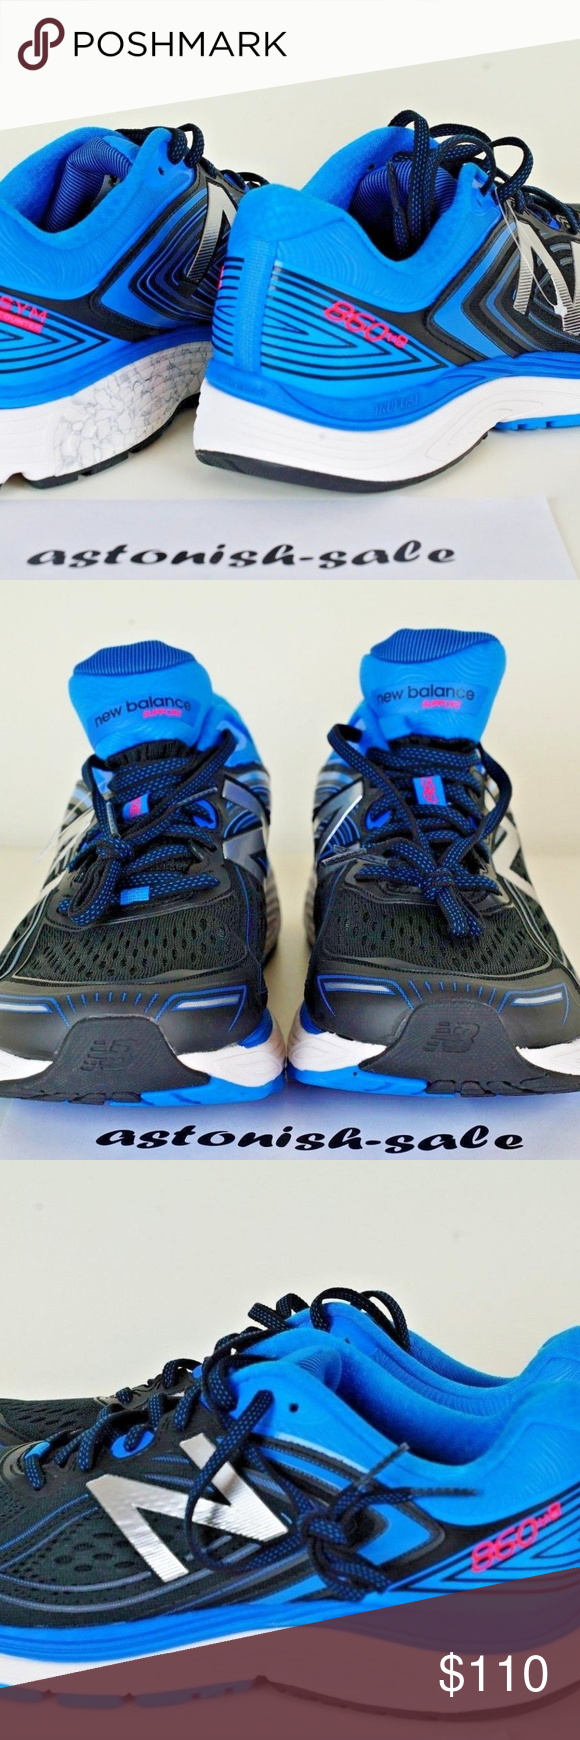 New Balance 860 v8 Running Sneakers 2E Men Sz 9.5 Brand New